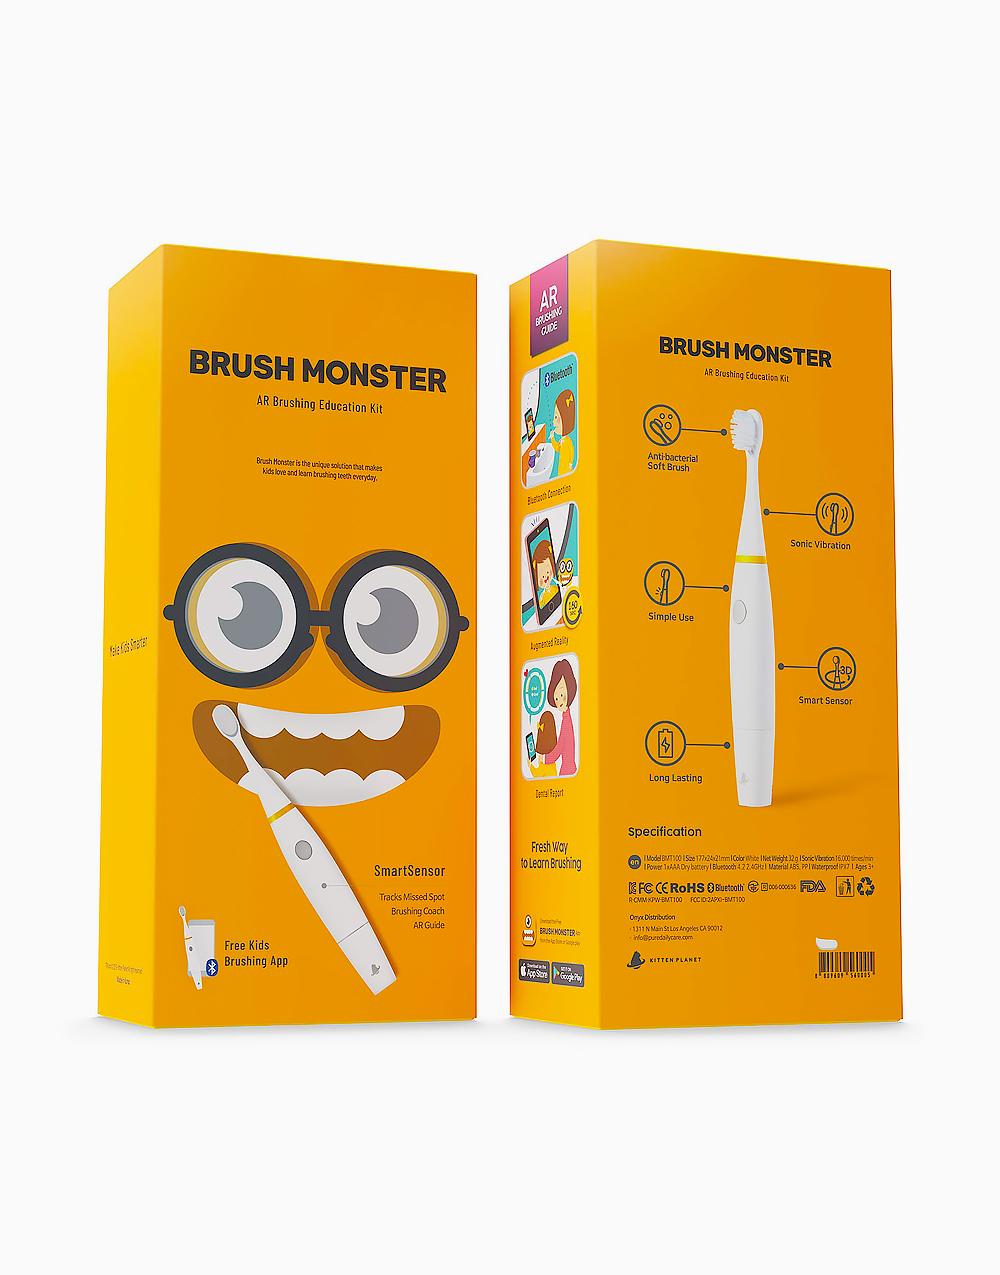 Brush Monster by Brush Monster